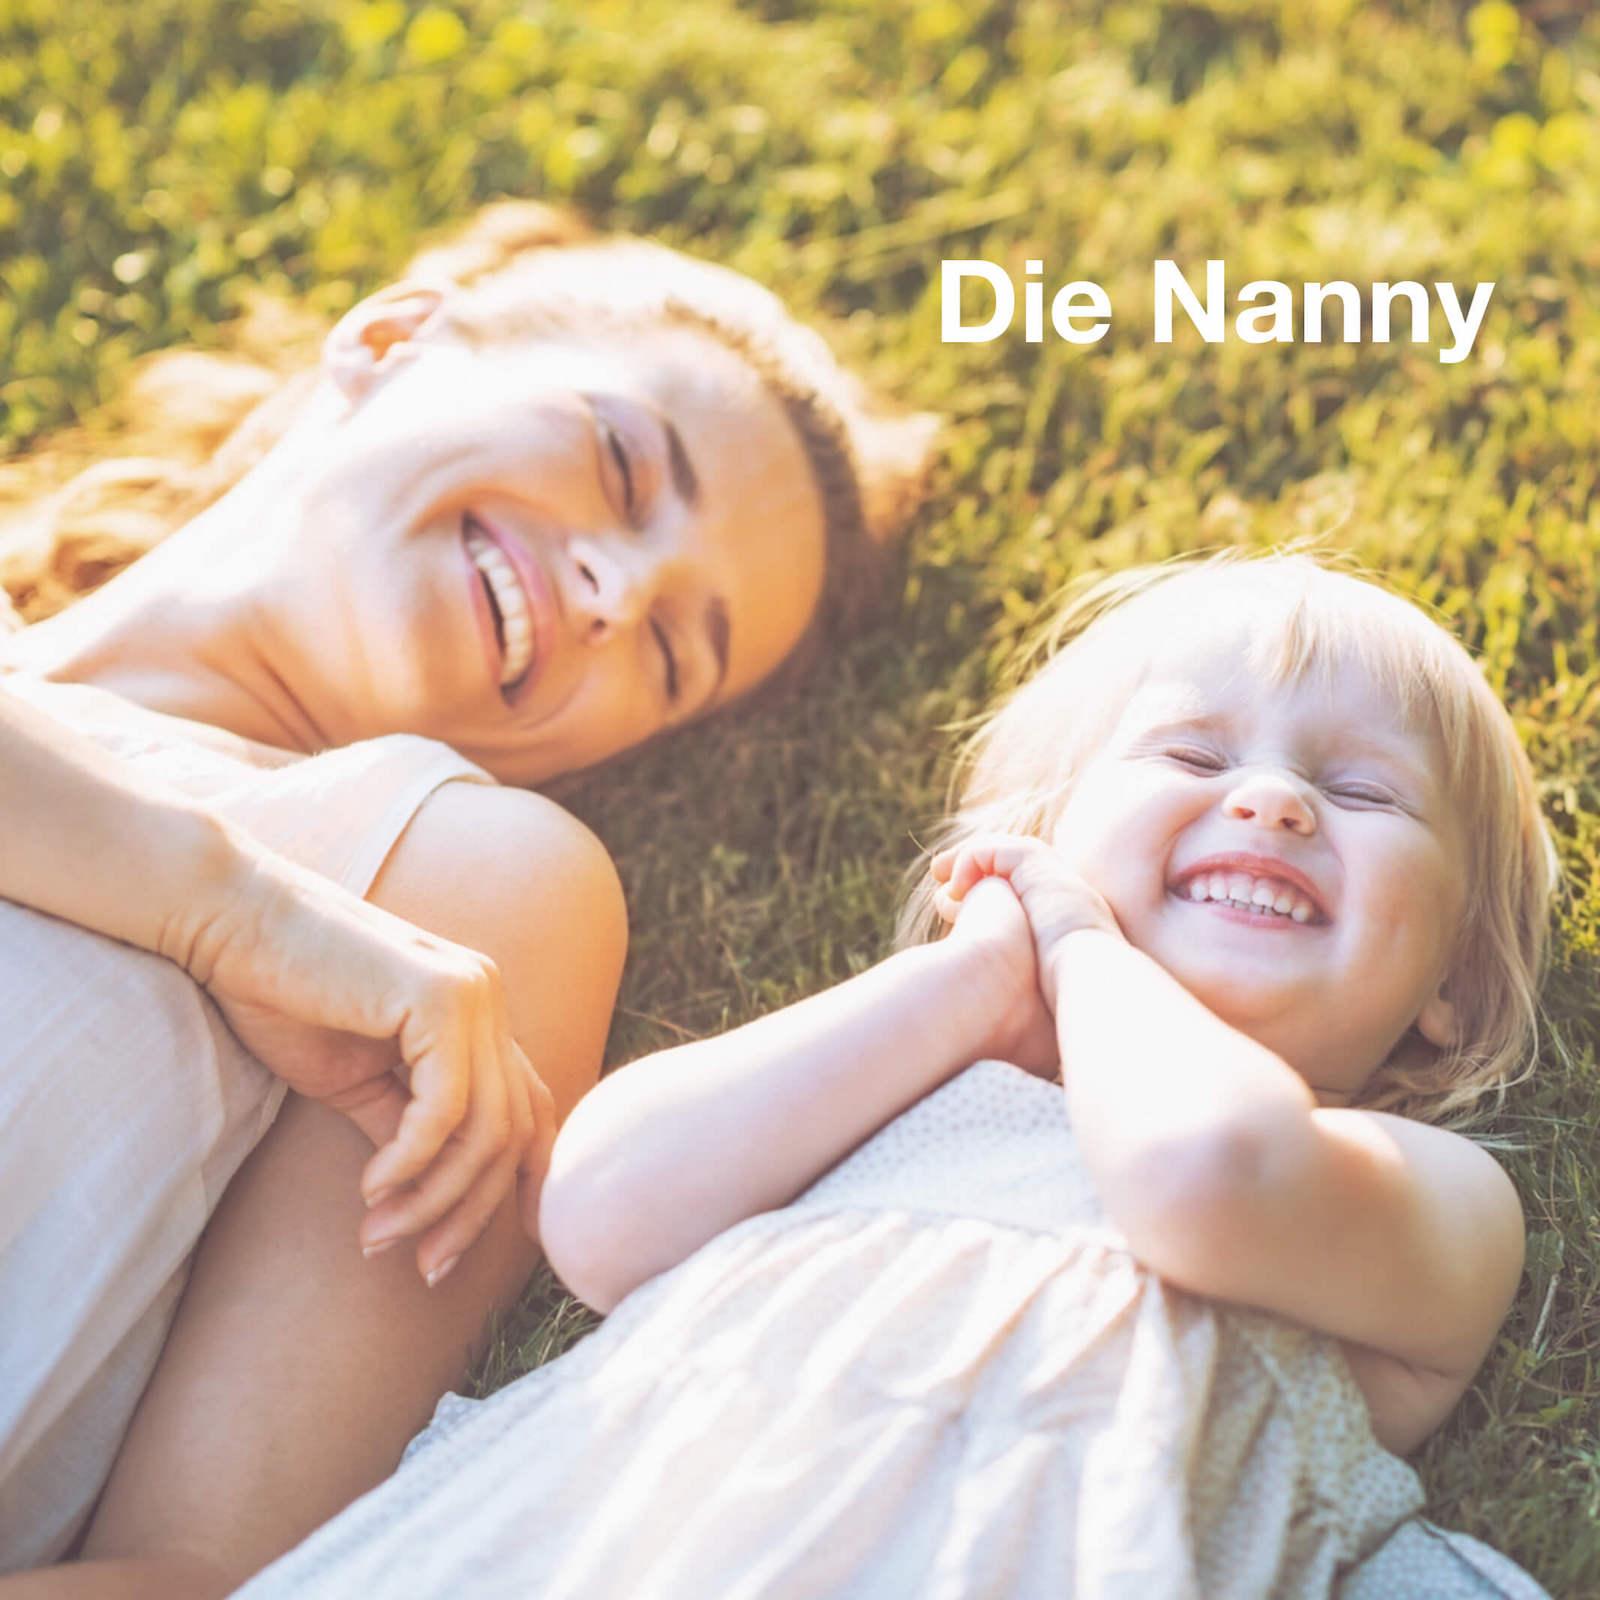 Die Nanny als Erzieherin im Privathaushalt.